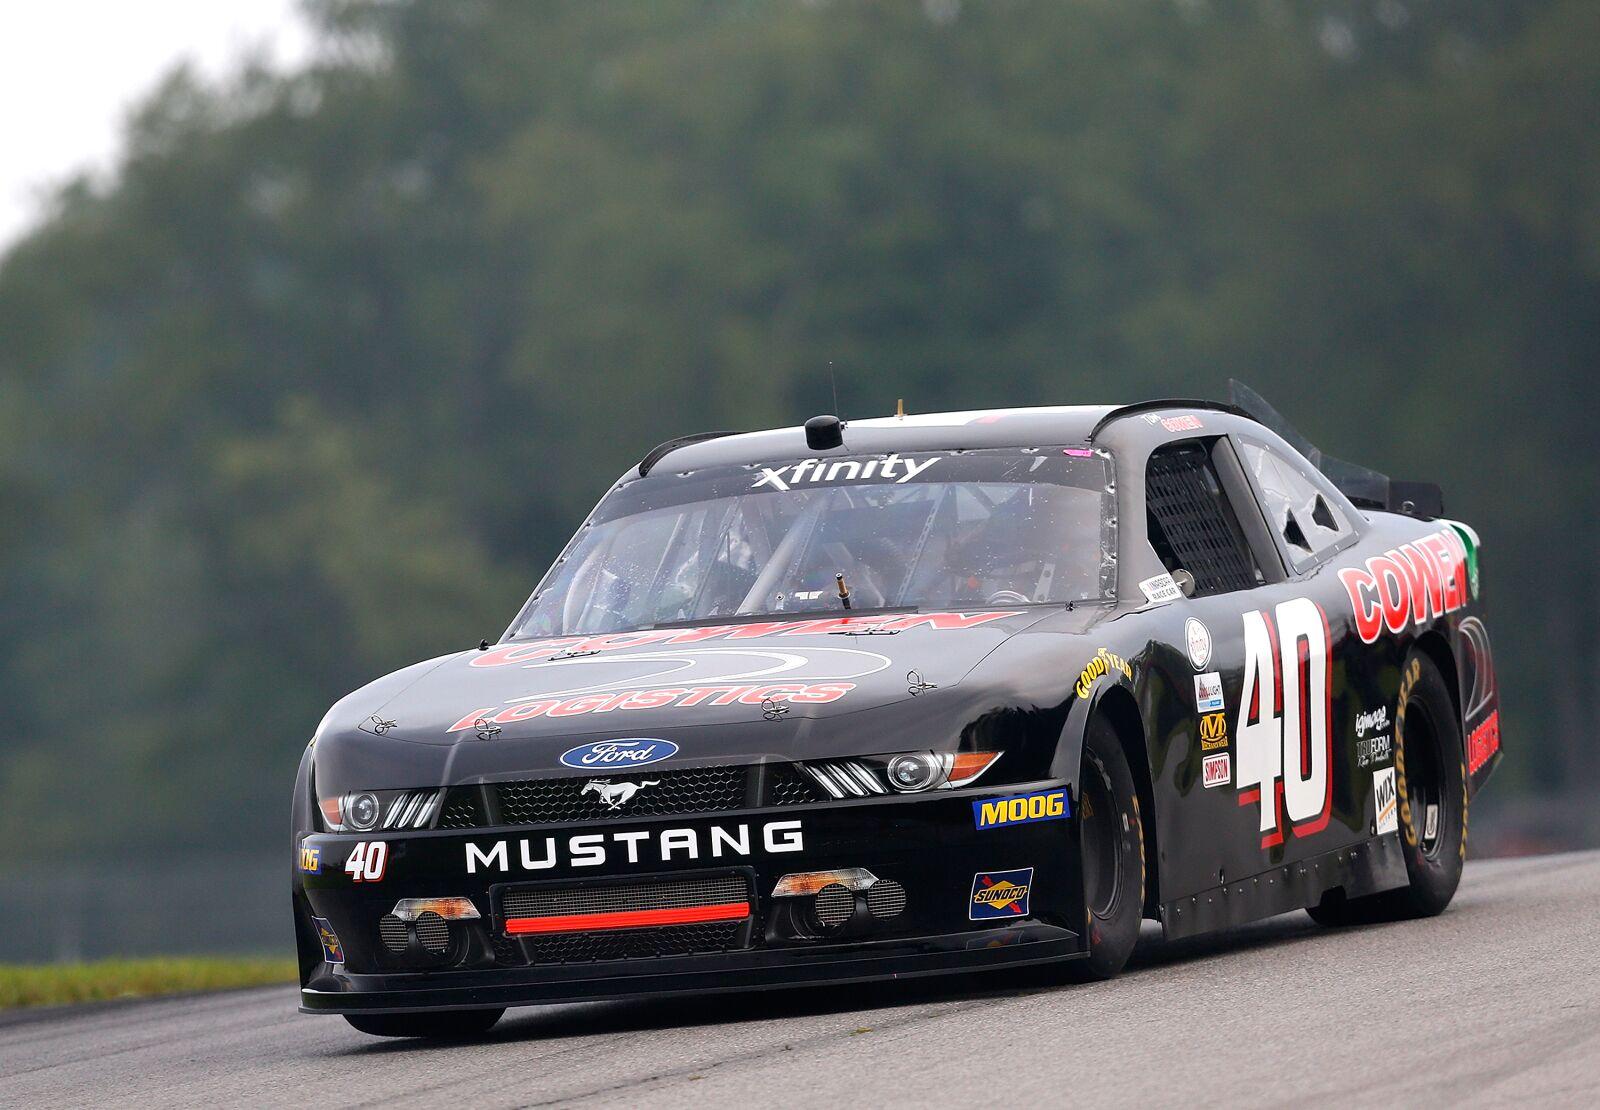 NASCAR Xfinity Series: MBM Motorsports – SportsHeadlines News